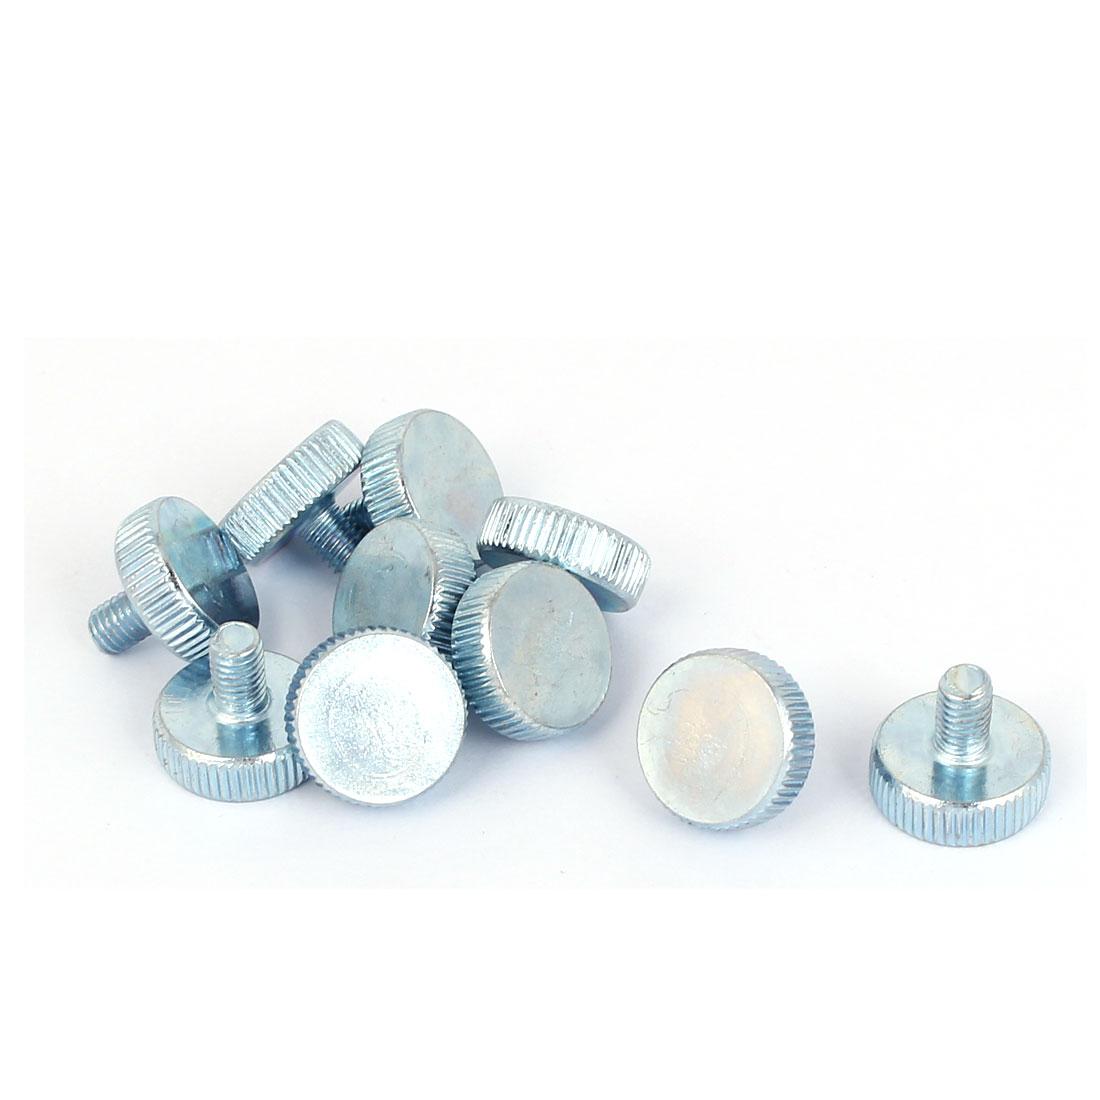 M5x8mm Thread Carbon Steel Knurled Round Head Thumb Screws Silver Blue 10pcs